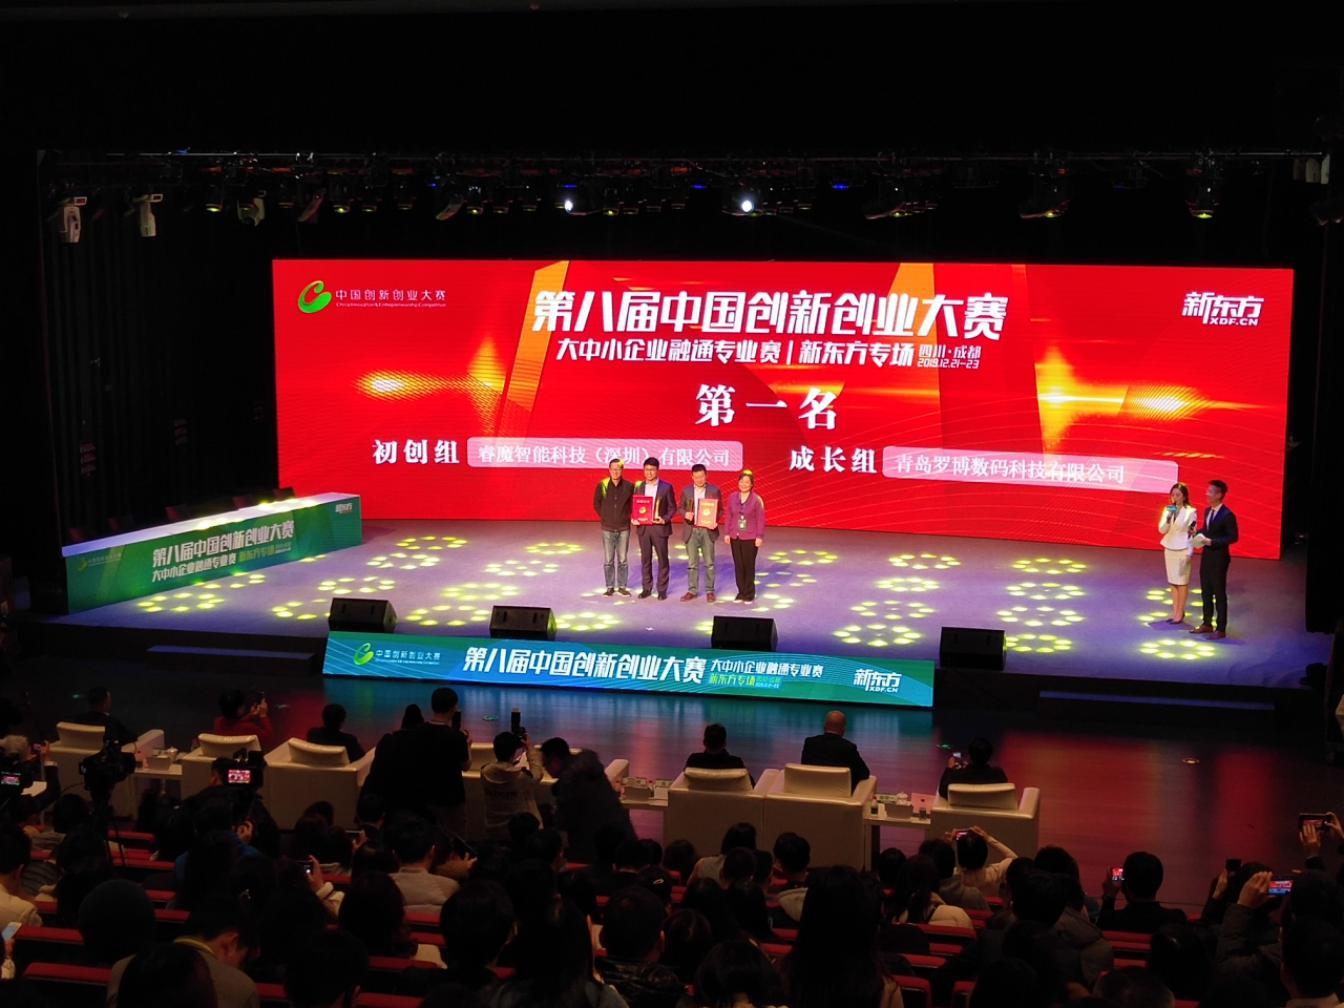 中国创新创业专业赛落幕,百余家企业聚焦科技赋能教育